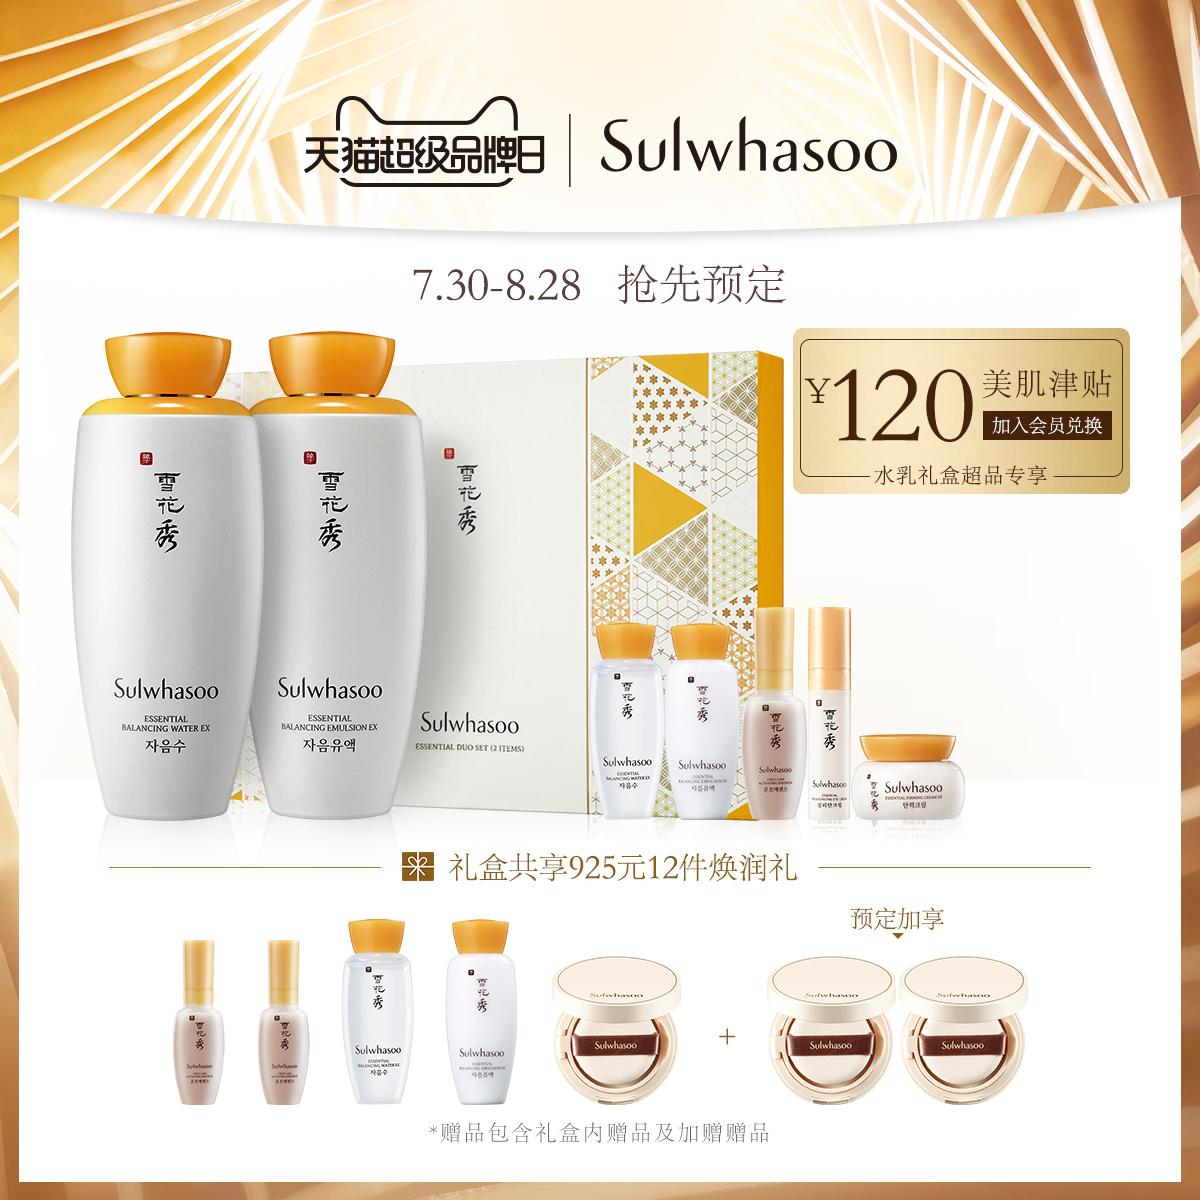 【超品预售】雪花秀滋盈肌本护肤礼盒 水乳套装化妆水 补水保湿